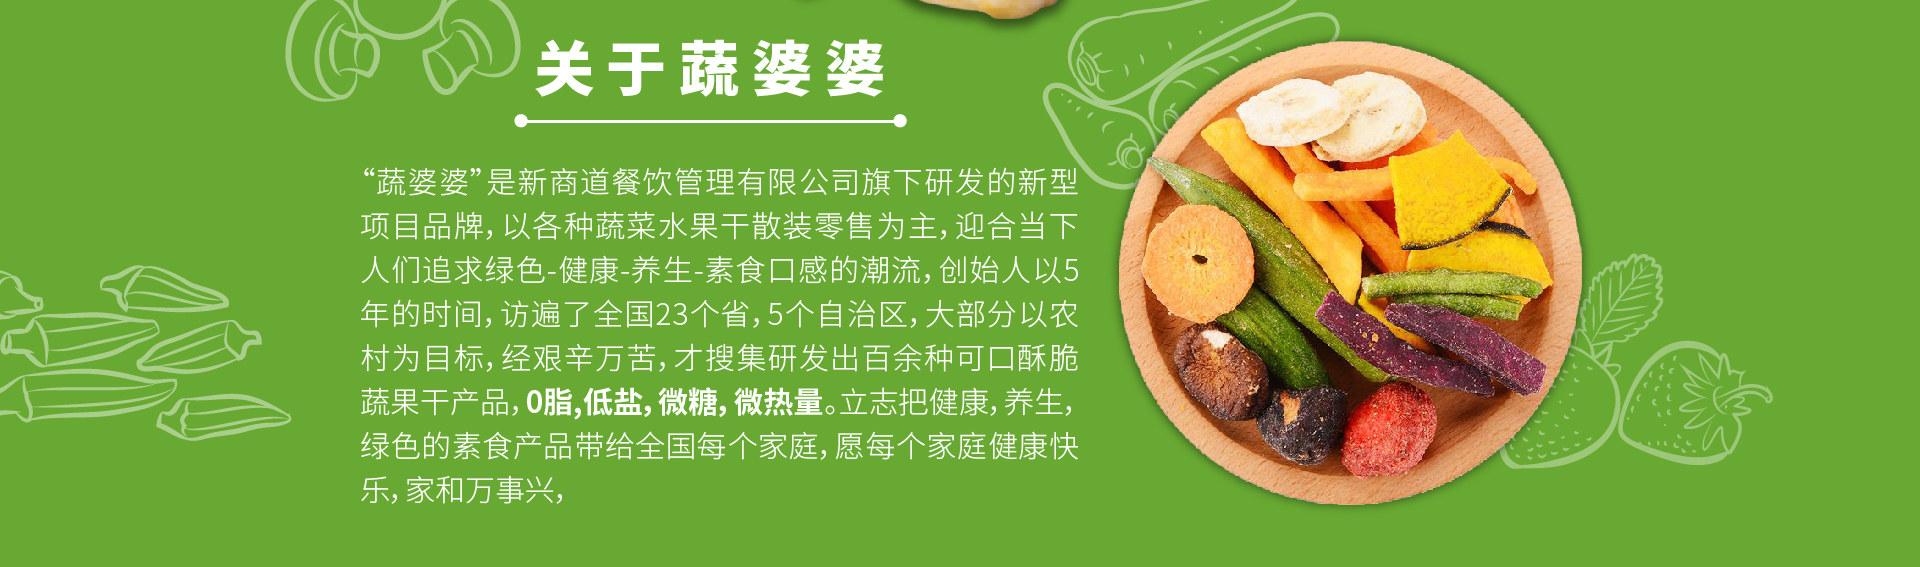 蔬婆婆食蔬果干PC_03